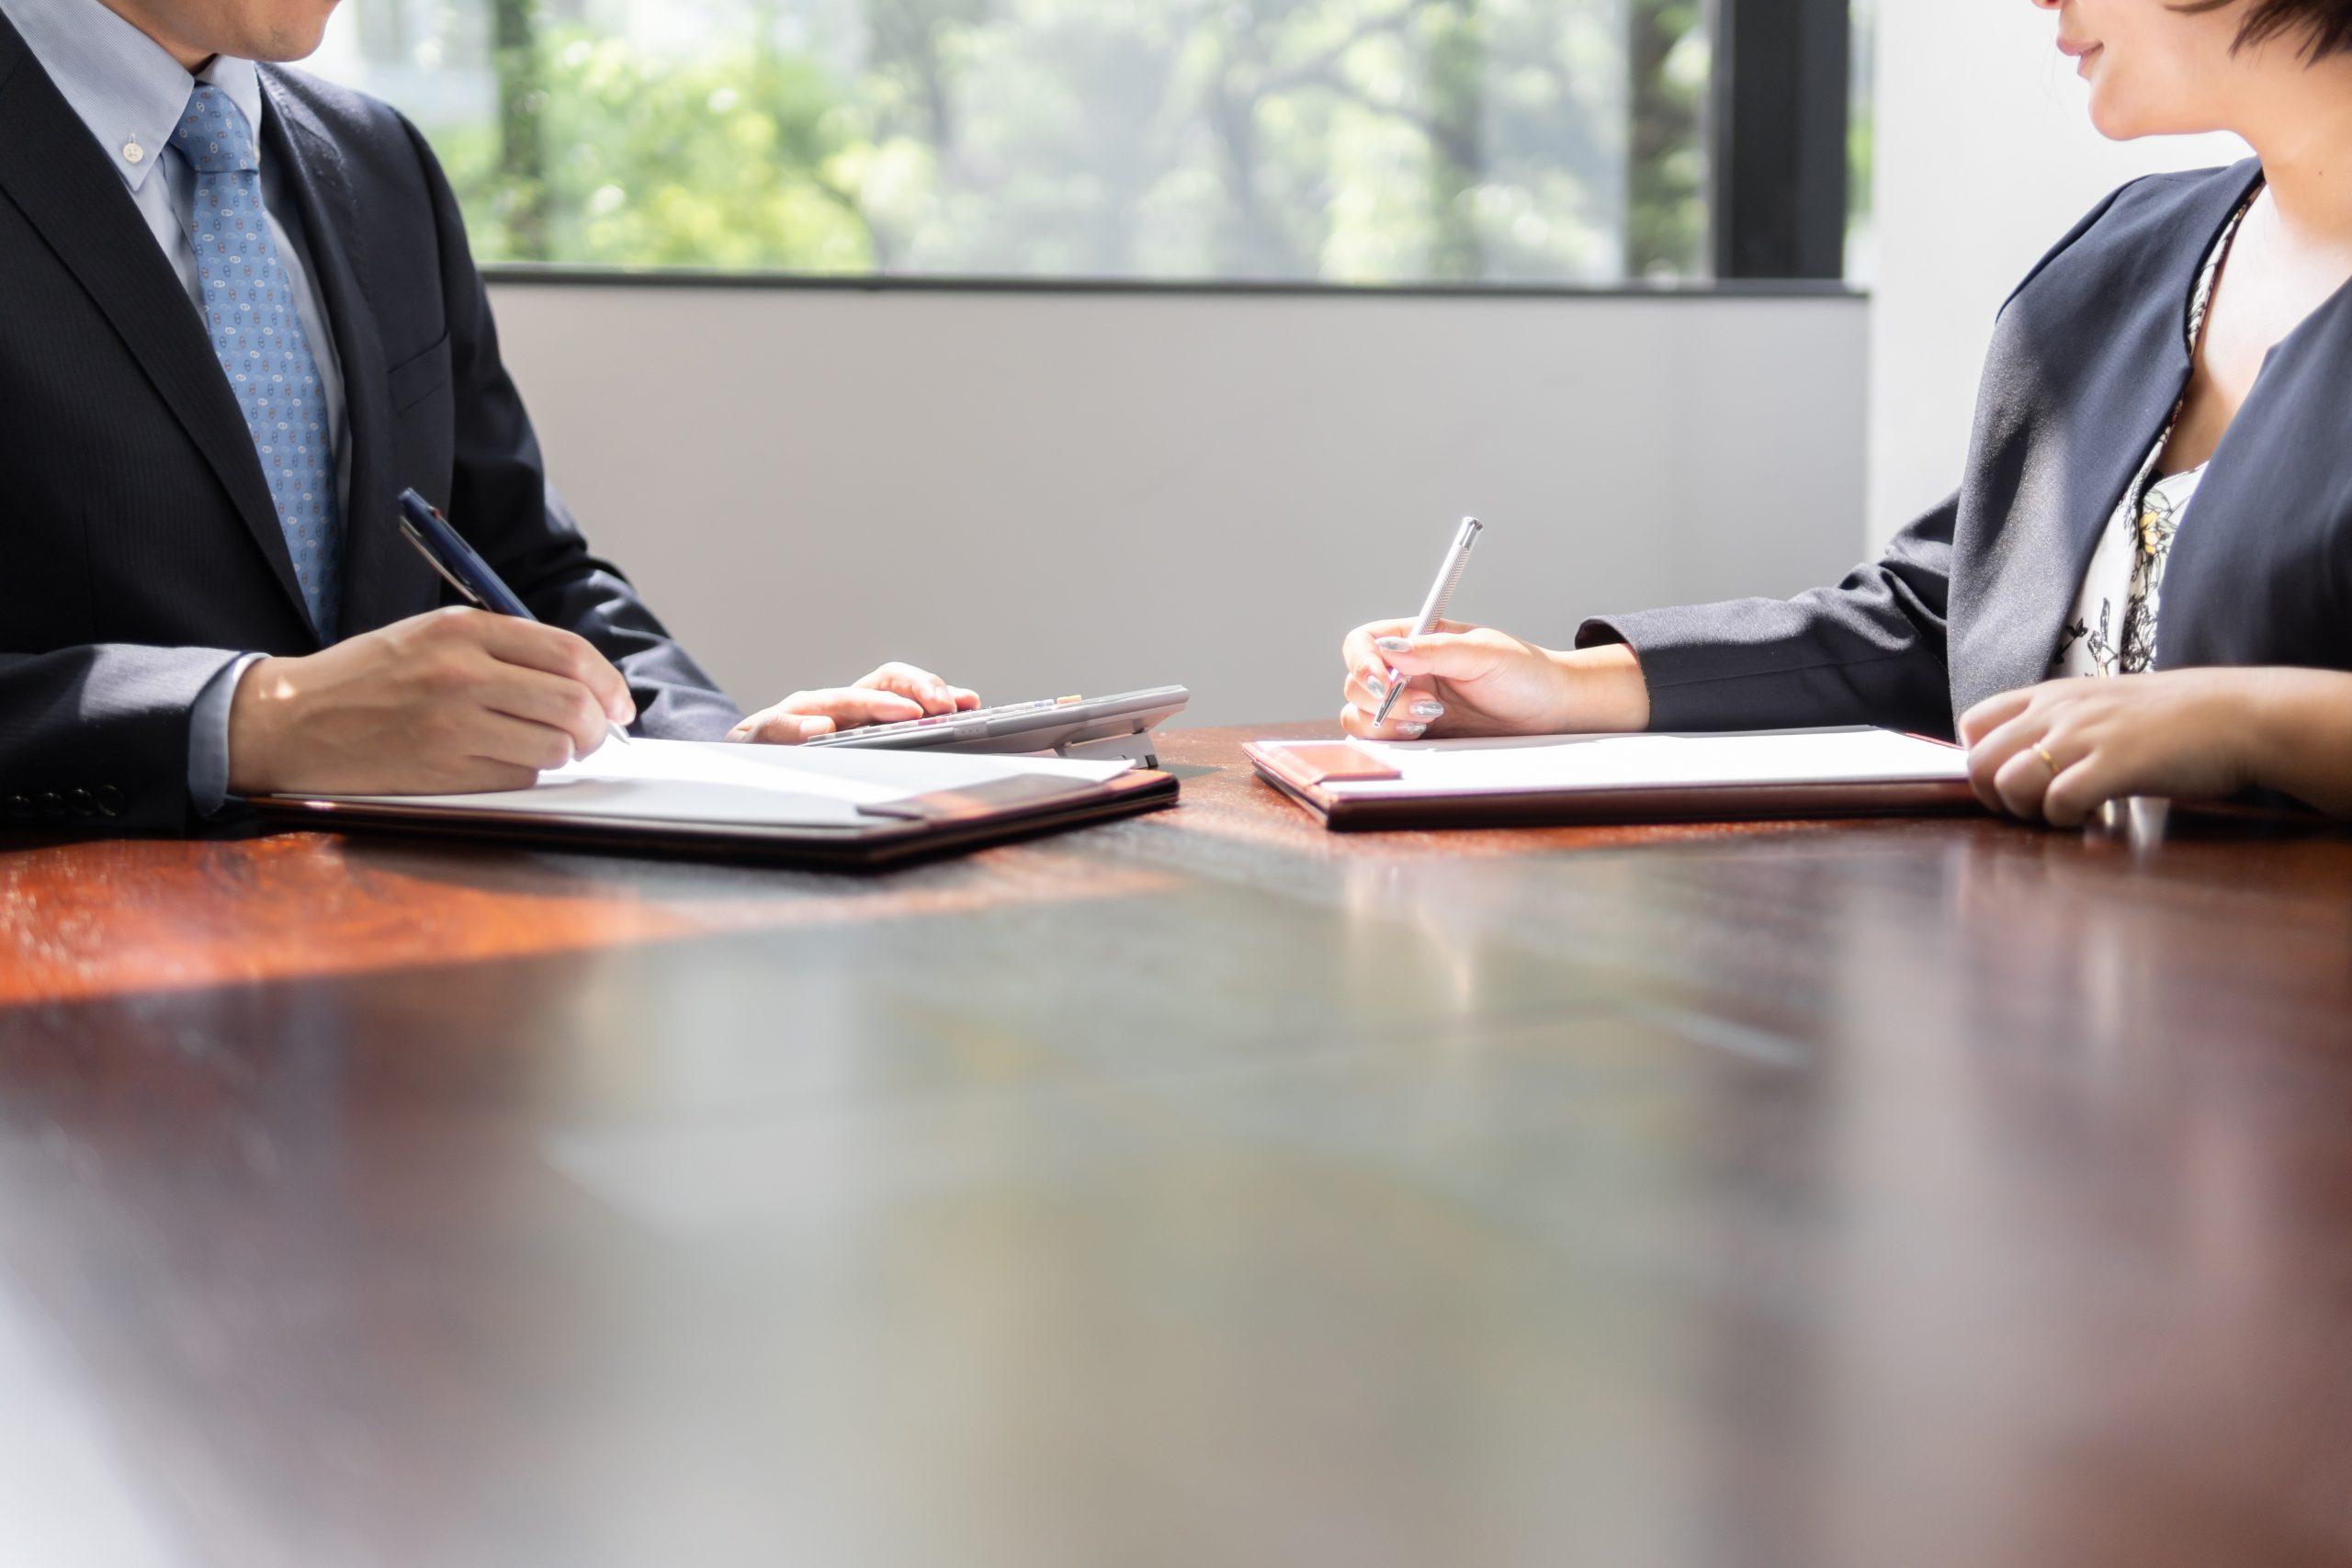 明るい会議室で打ち合わせをするビジネスマンとビジネスウーマン